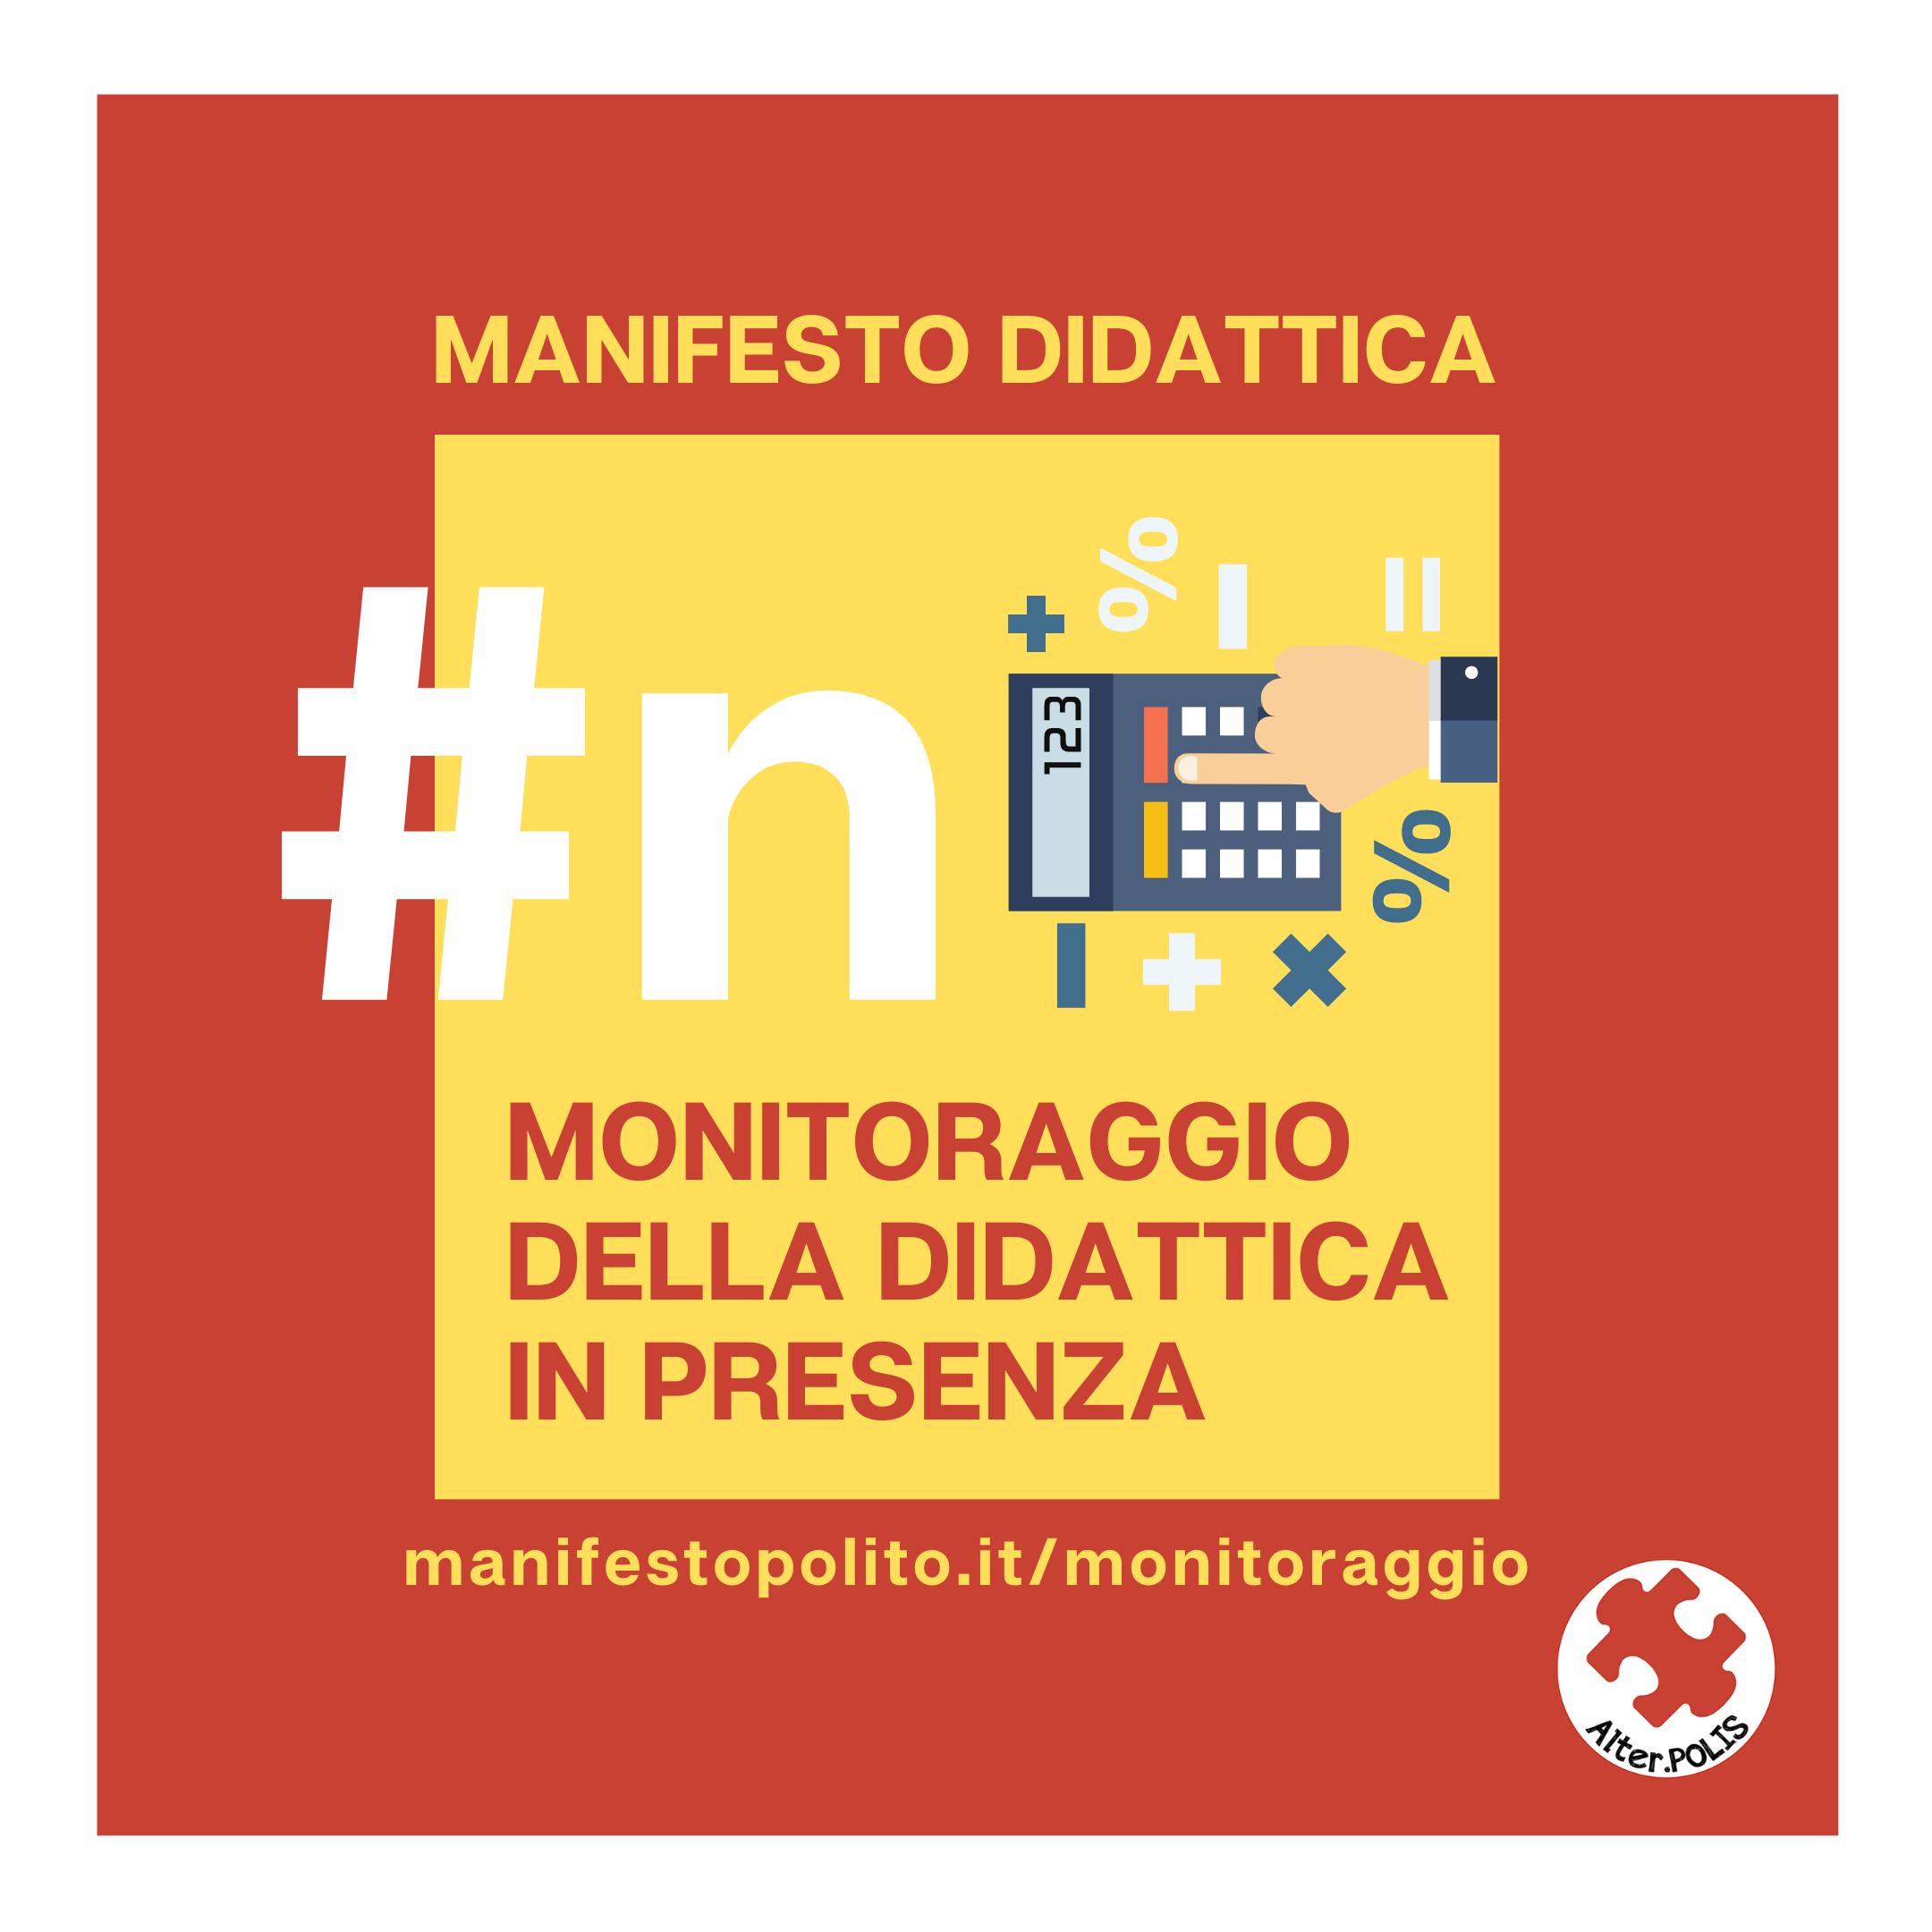 Manifesto didattica #ilpolichevogliamo (2)